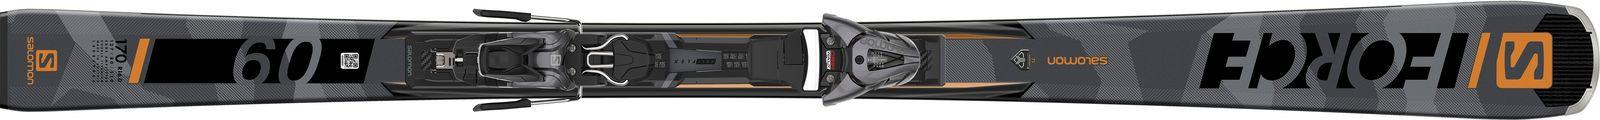 Горные лыжи Salomon E S/Force 9 + Z10 GW L 156, L40915500156, черный, оранжевый, рост 156 см